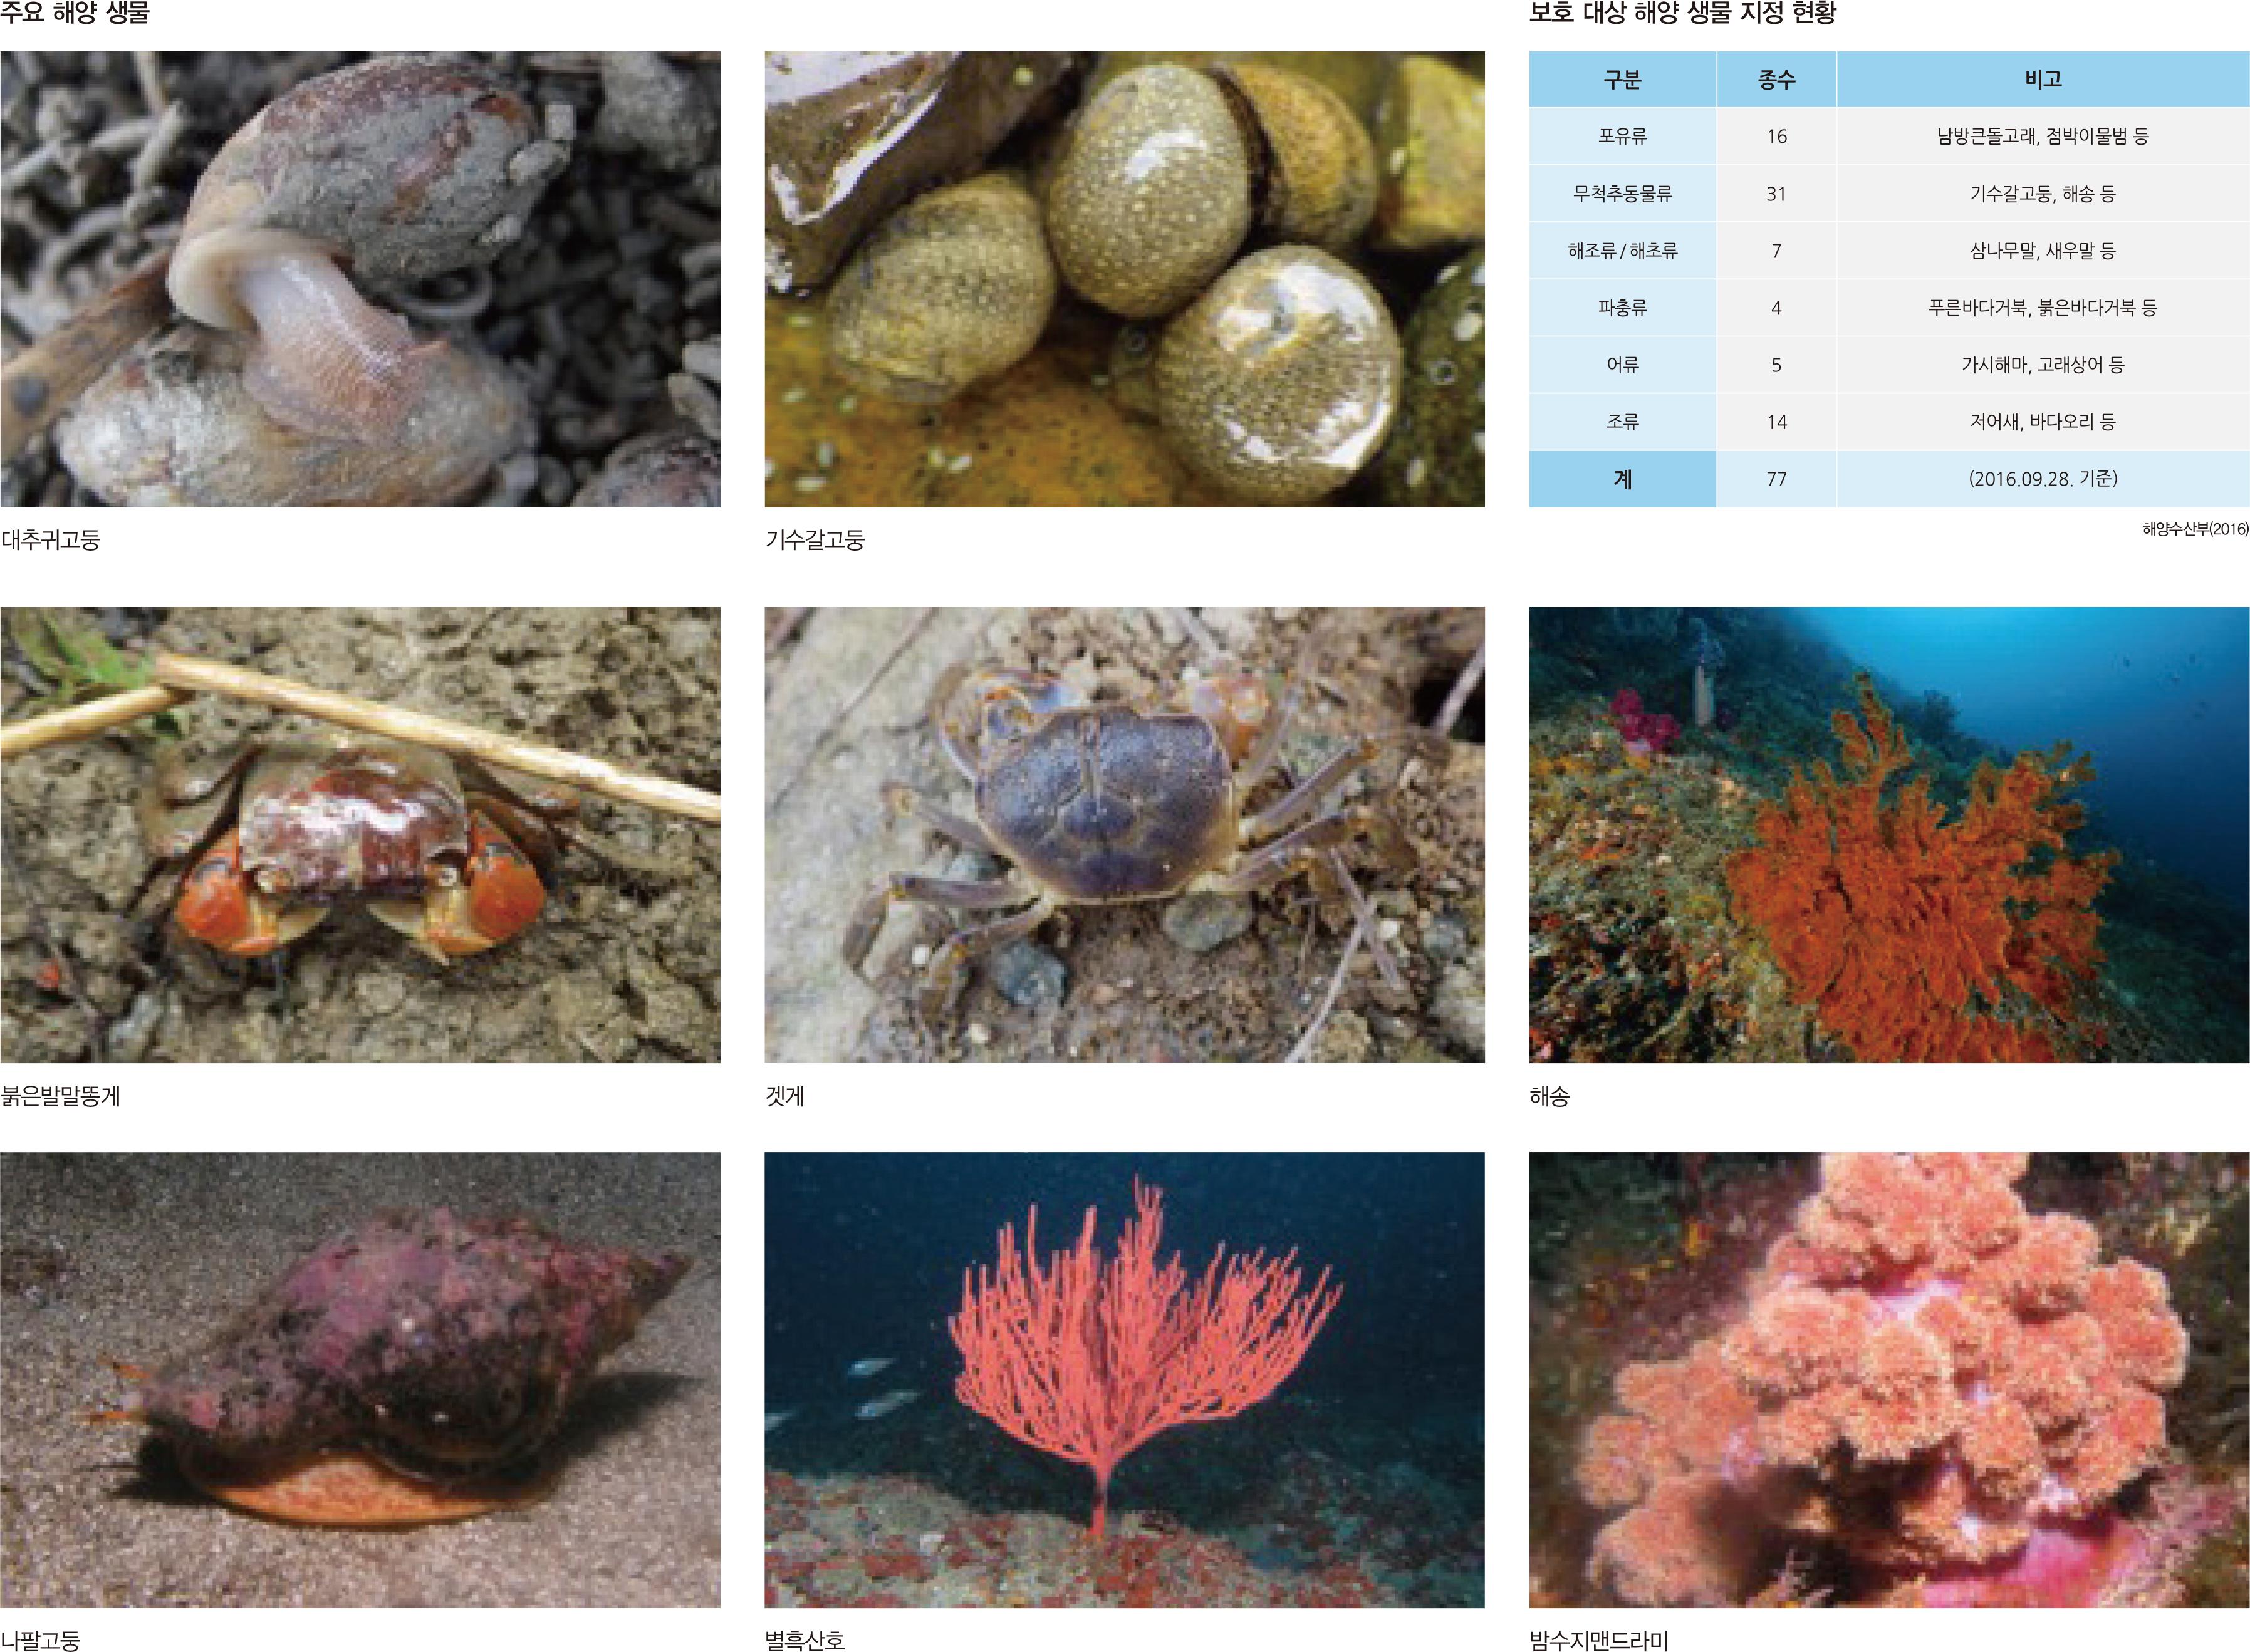 주요 해양 생물